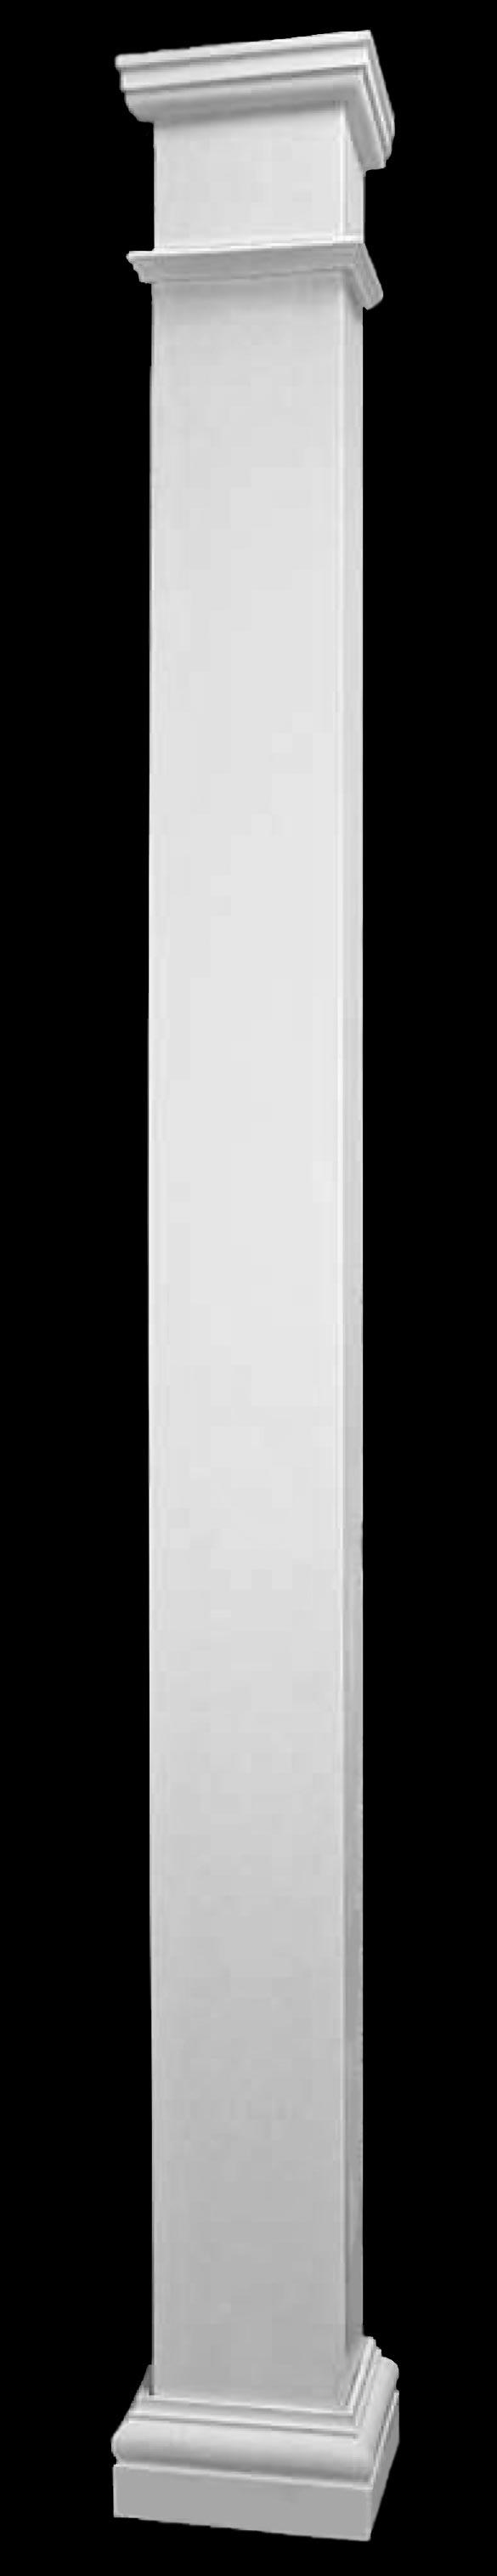 Fiberglass columns square lightweight columns by for Fiberglass square columns